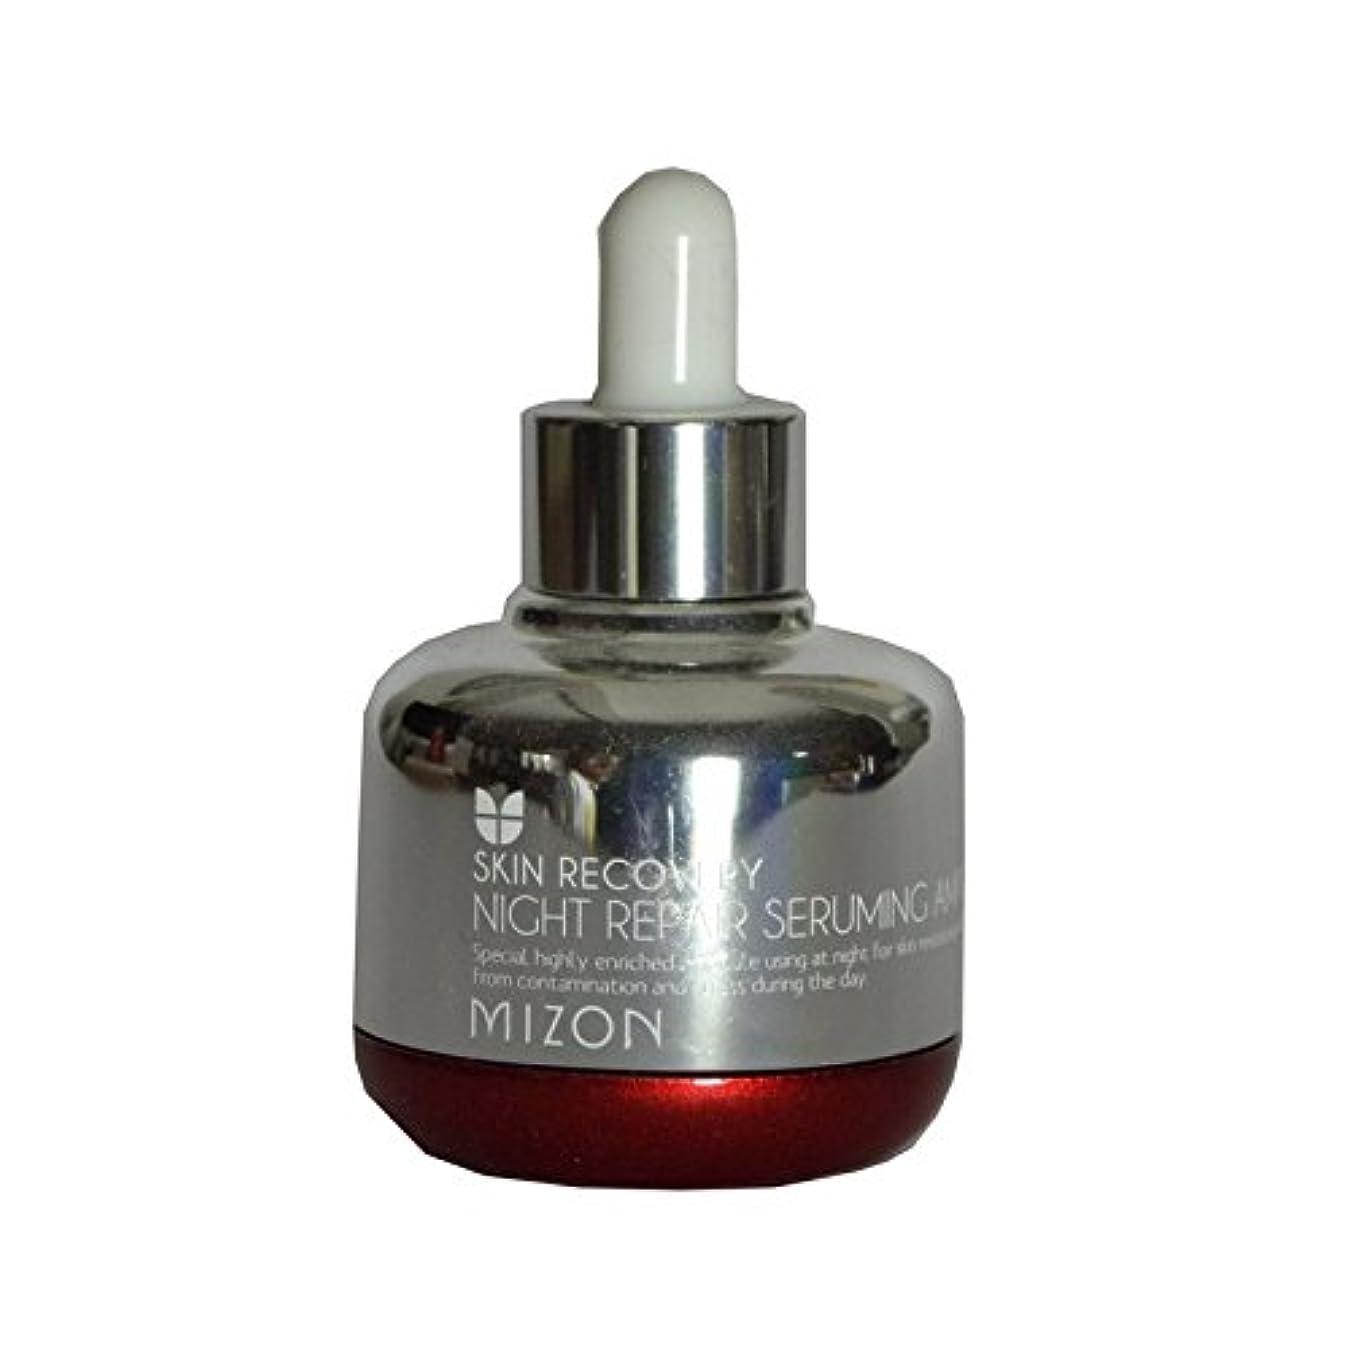 明るい船上透明にアンプルを ナイトリペア x4 - Mizon Night Repair Seruming Ampoule (Pack of 4) [並行輸入品]